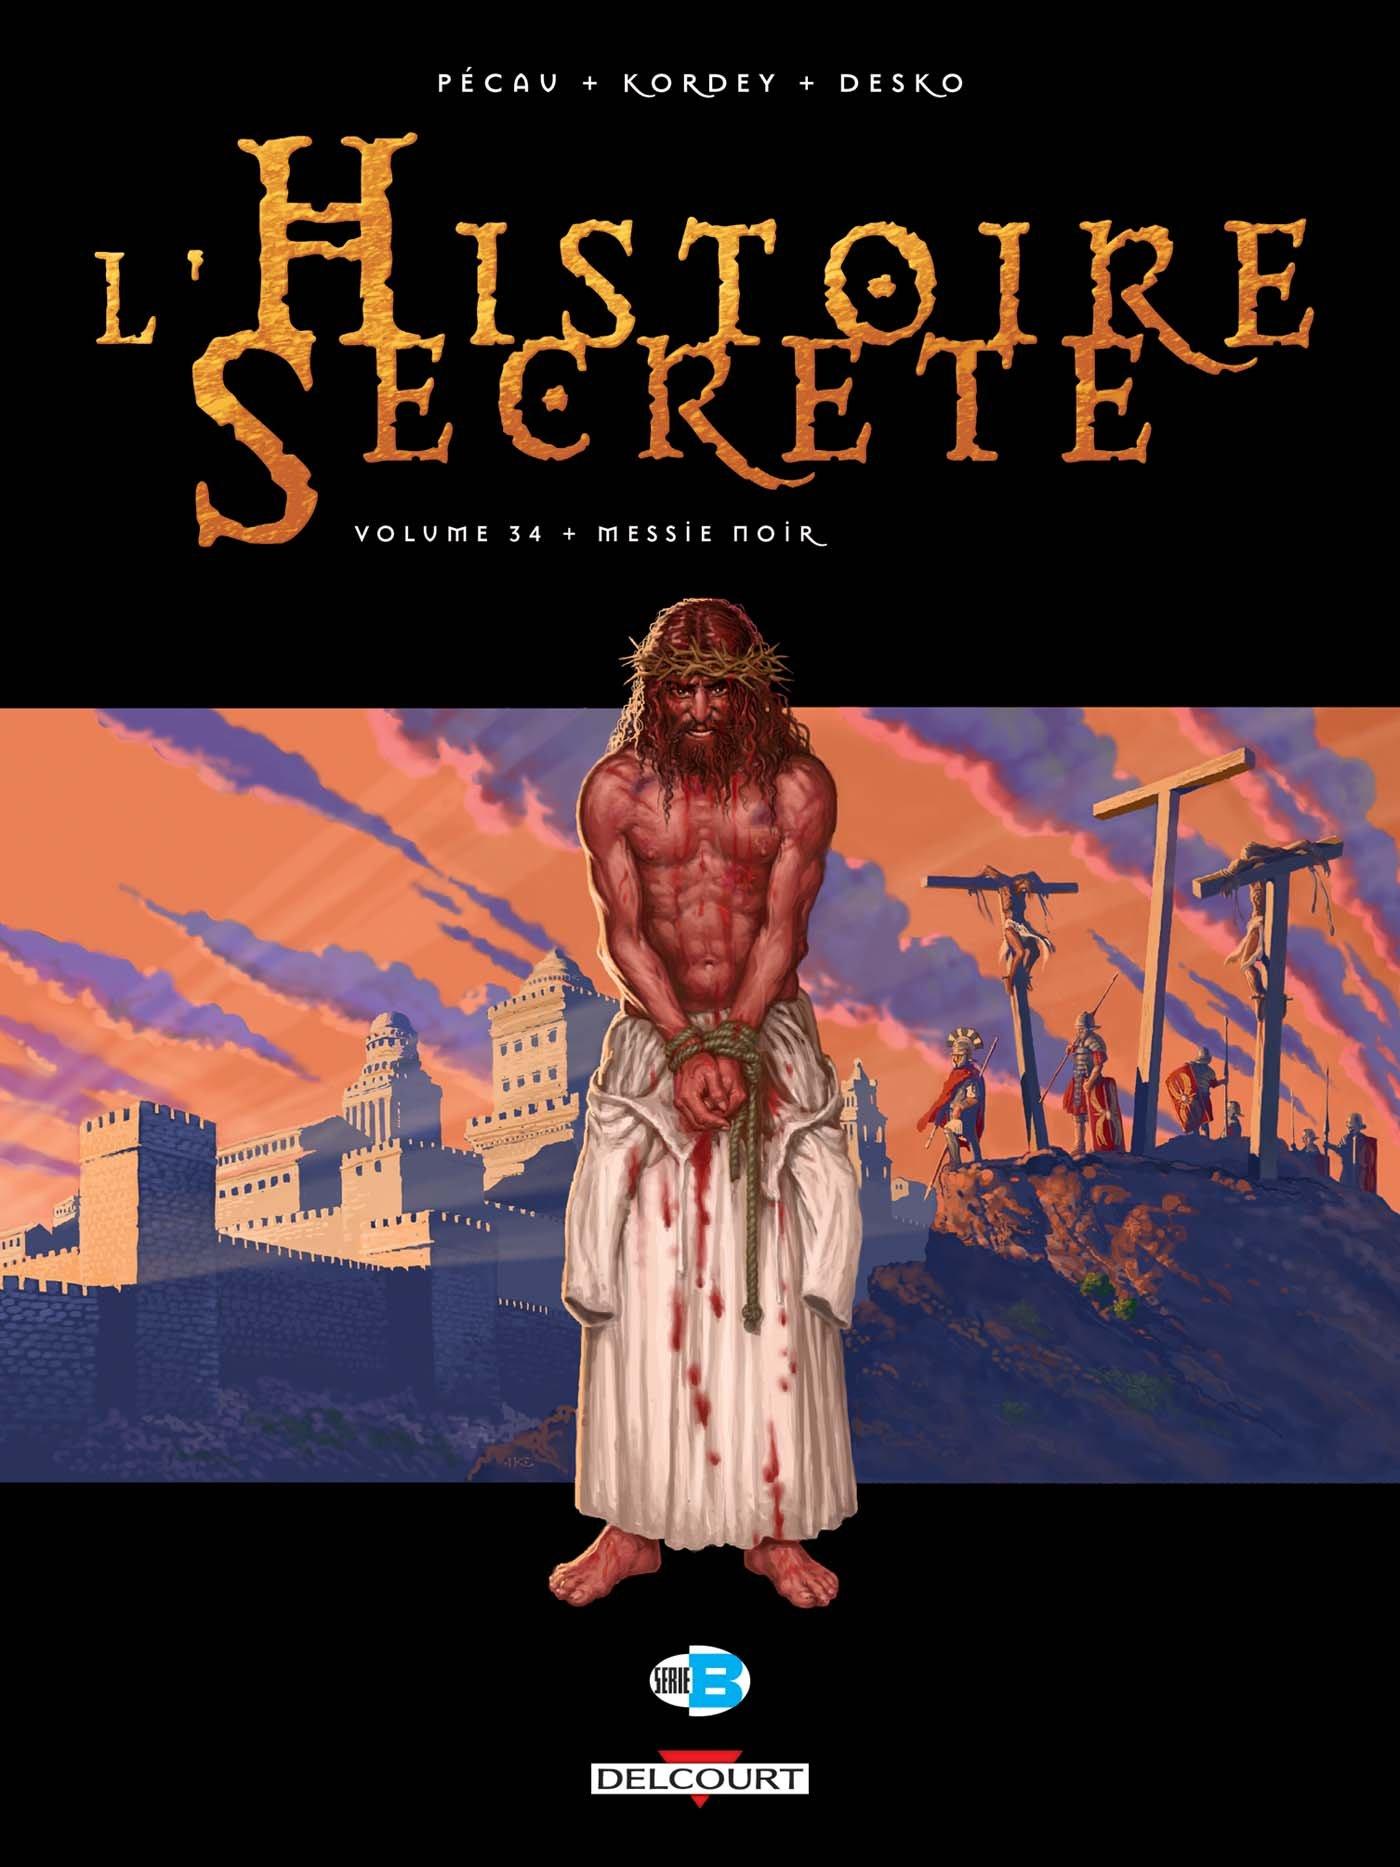 L'histoire secrète 34 - Messie noir